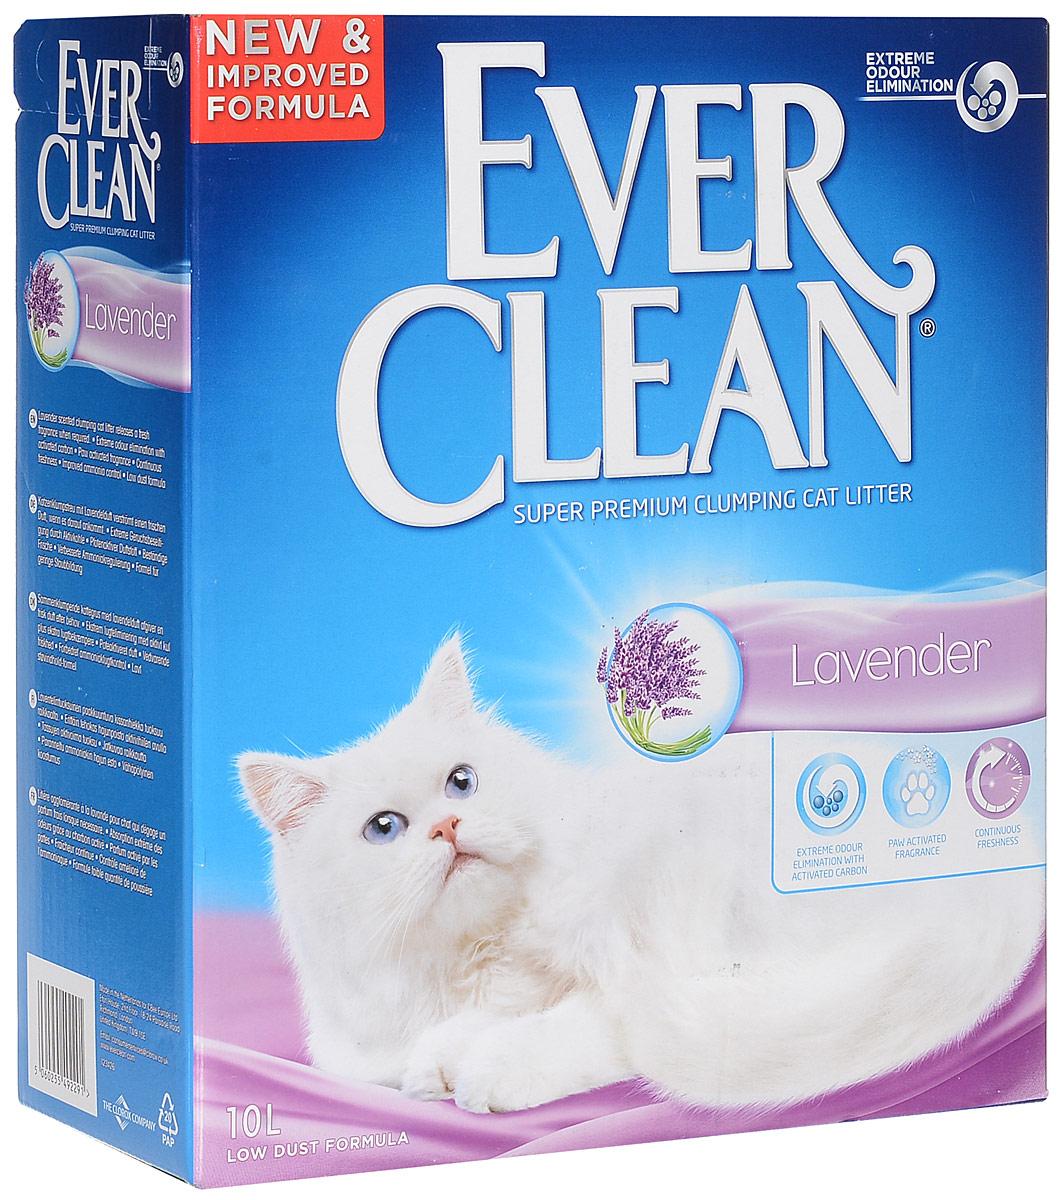 Наполнитель для кошачьего туалета Ever Clean Lavander, комкующийся, с ароматом лаванды, 10 л сумки deuter сумка на плечо deuter 2016 17 tommy l dresscode black б р